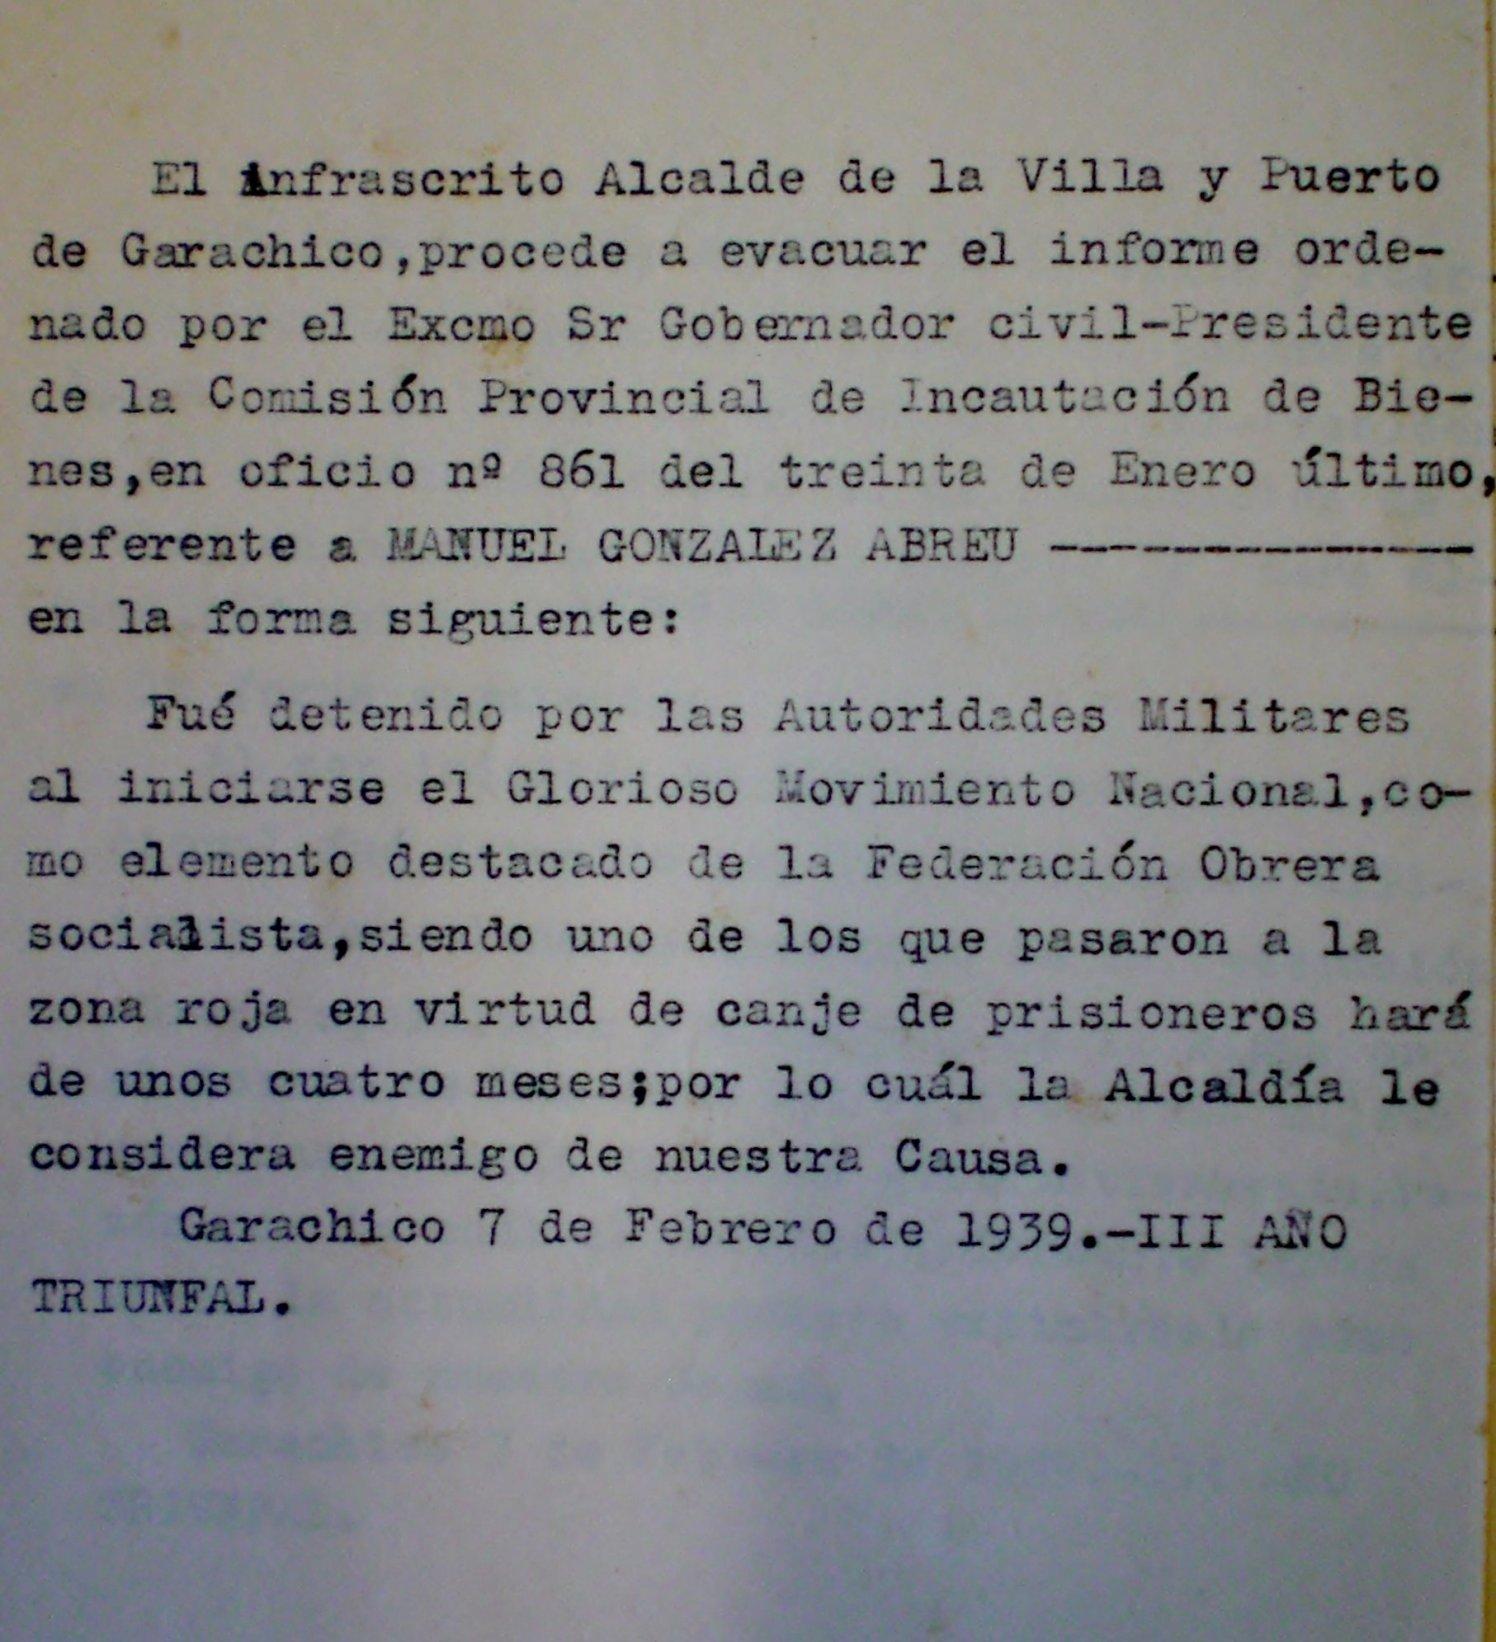 Documento del Archivo Municipal de Garachico por el que se ordena la incautación de bienes familiares de Manuel González Abreu